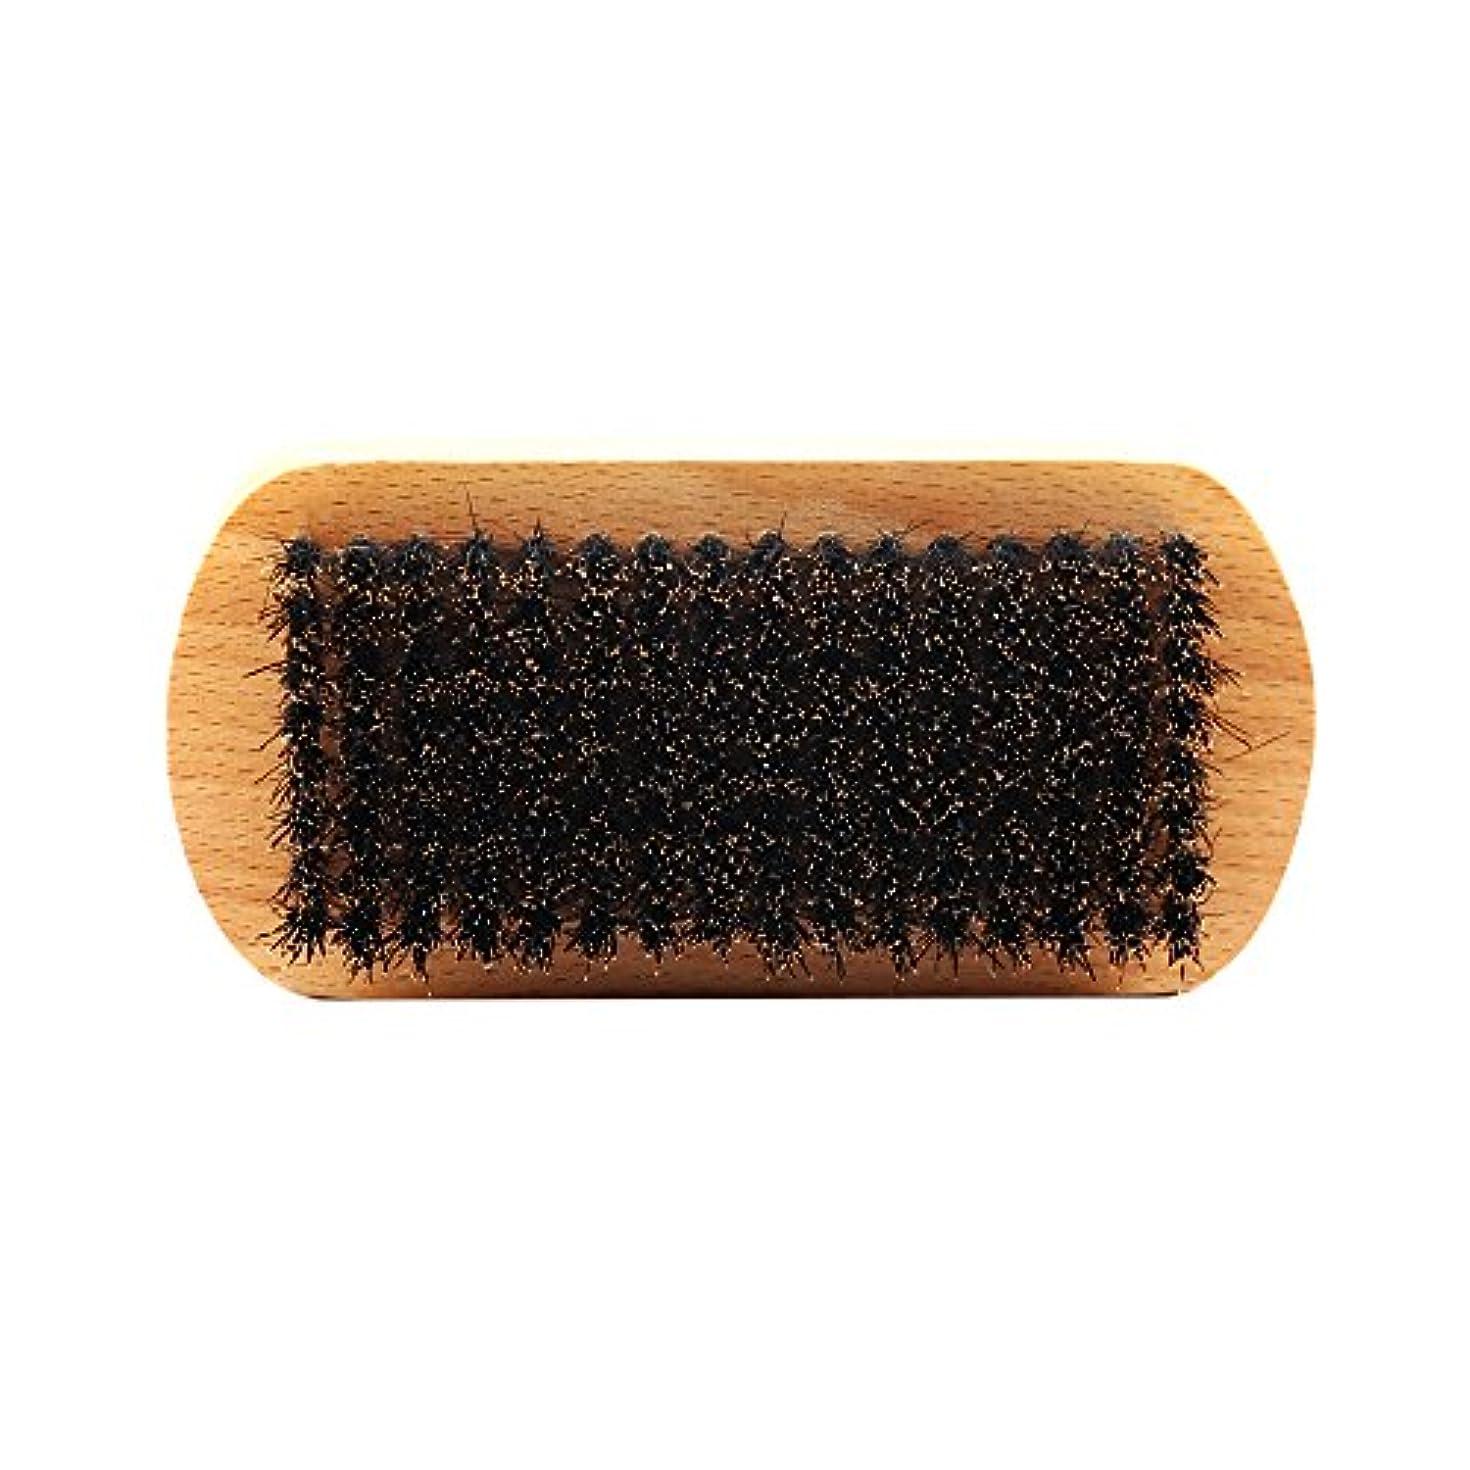 聖人ステップためらうビュアブラシ 男性 ひげ剃り ブリスル 天然木ハンドル ひげそり 2タイプ選べる - #1